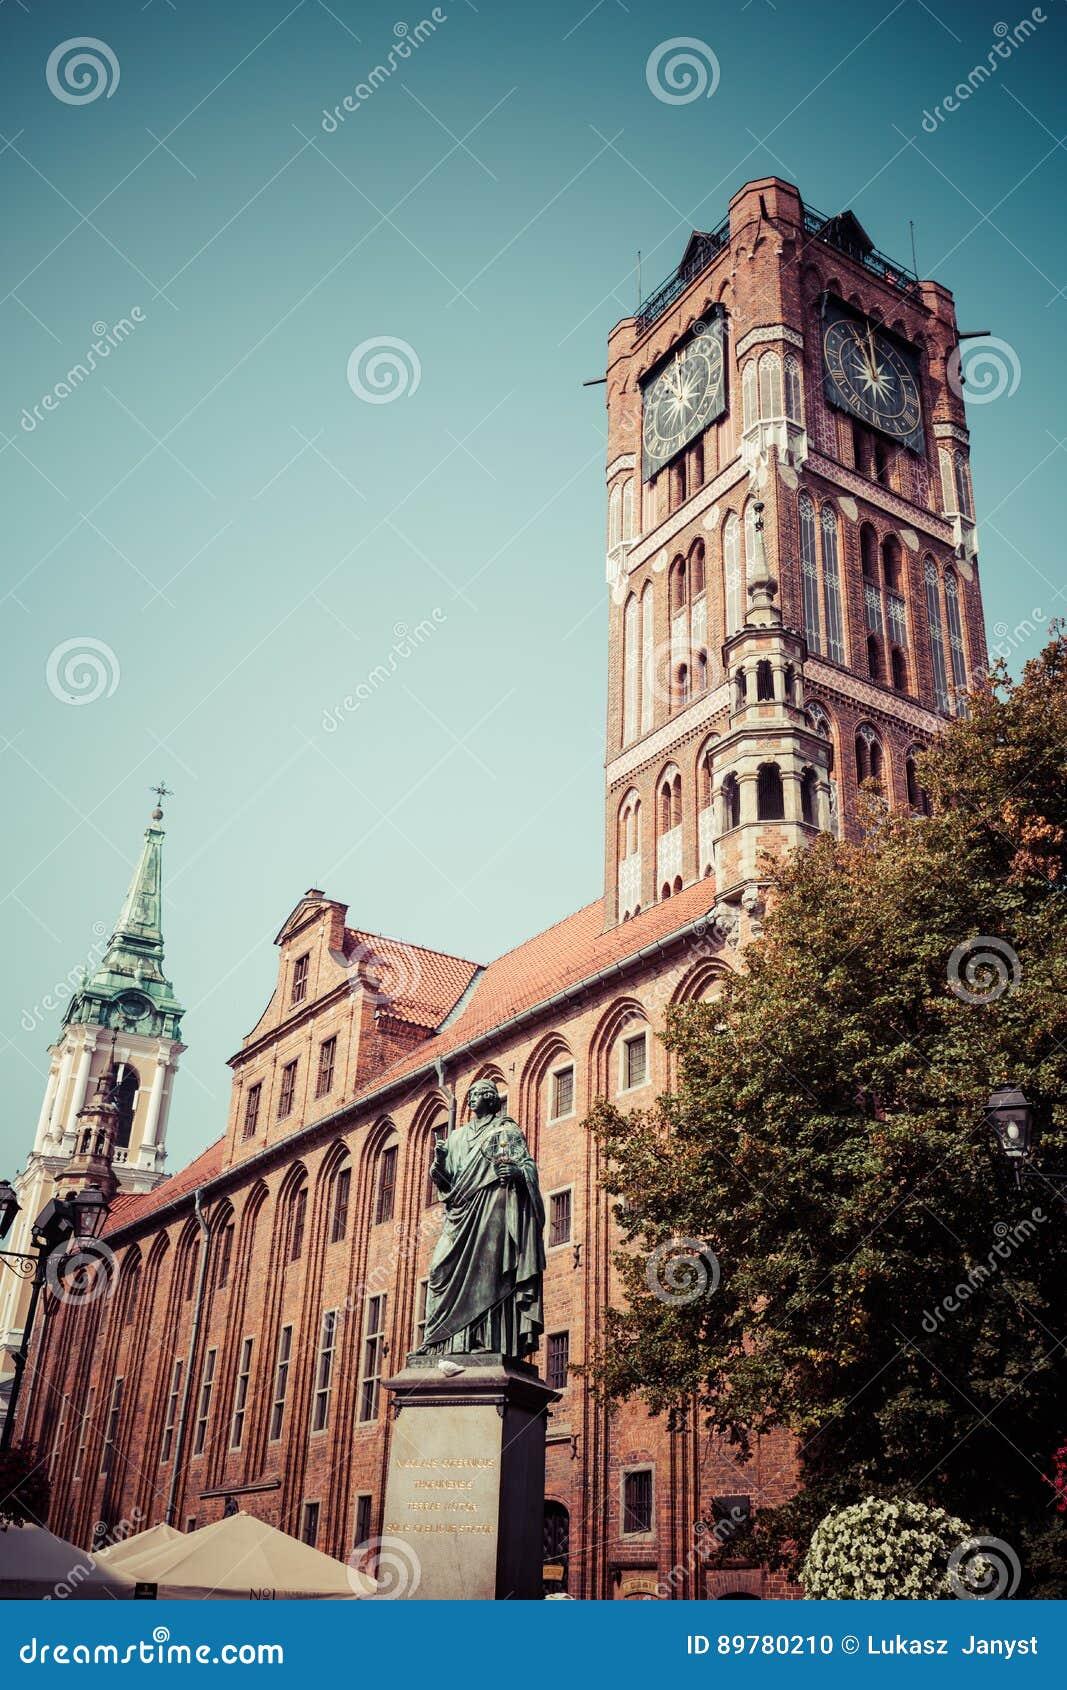 耶路撒冷旧城城镇厅波兰语:Ratusz Staromiejski托伦,波兰